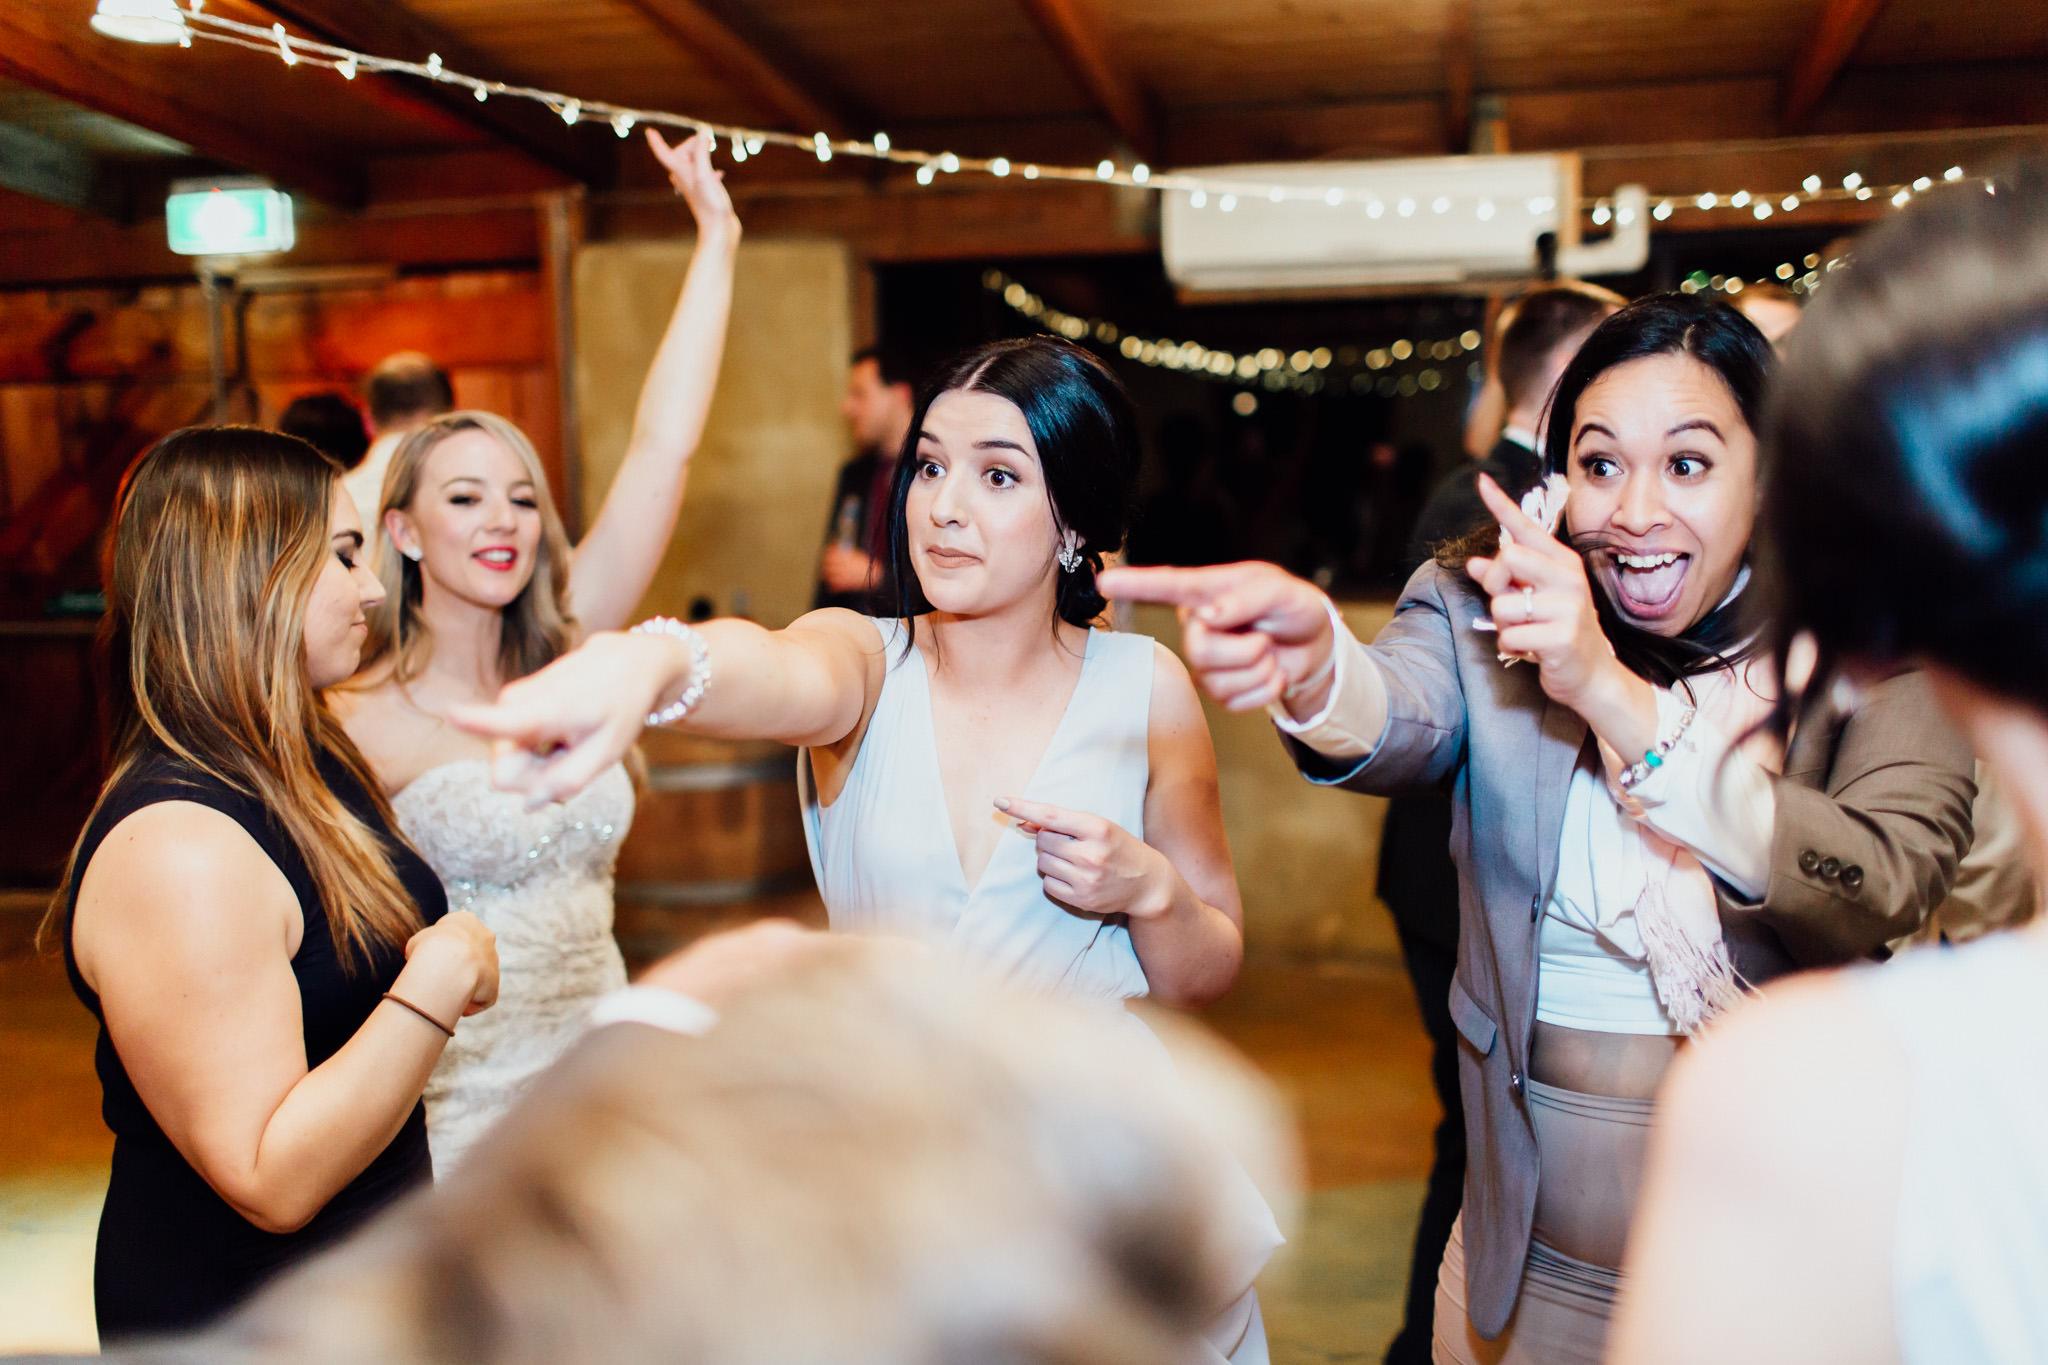 WeddingPhotos_Facebook_2048pixels-1177.jpg